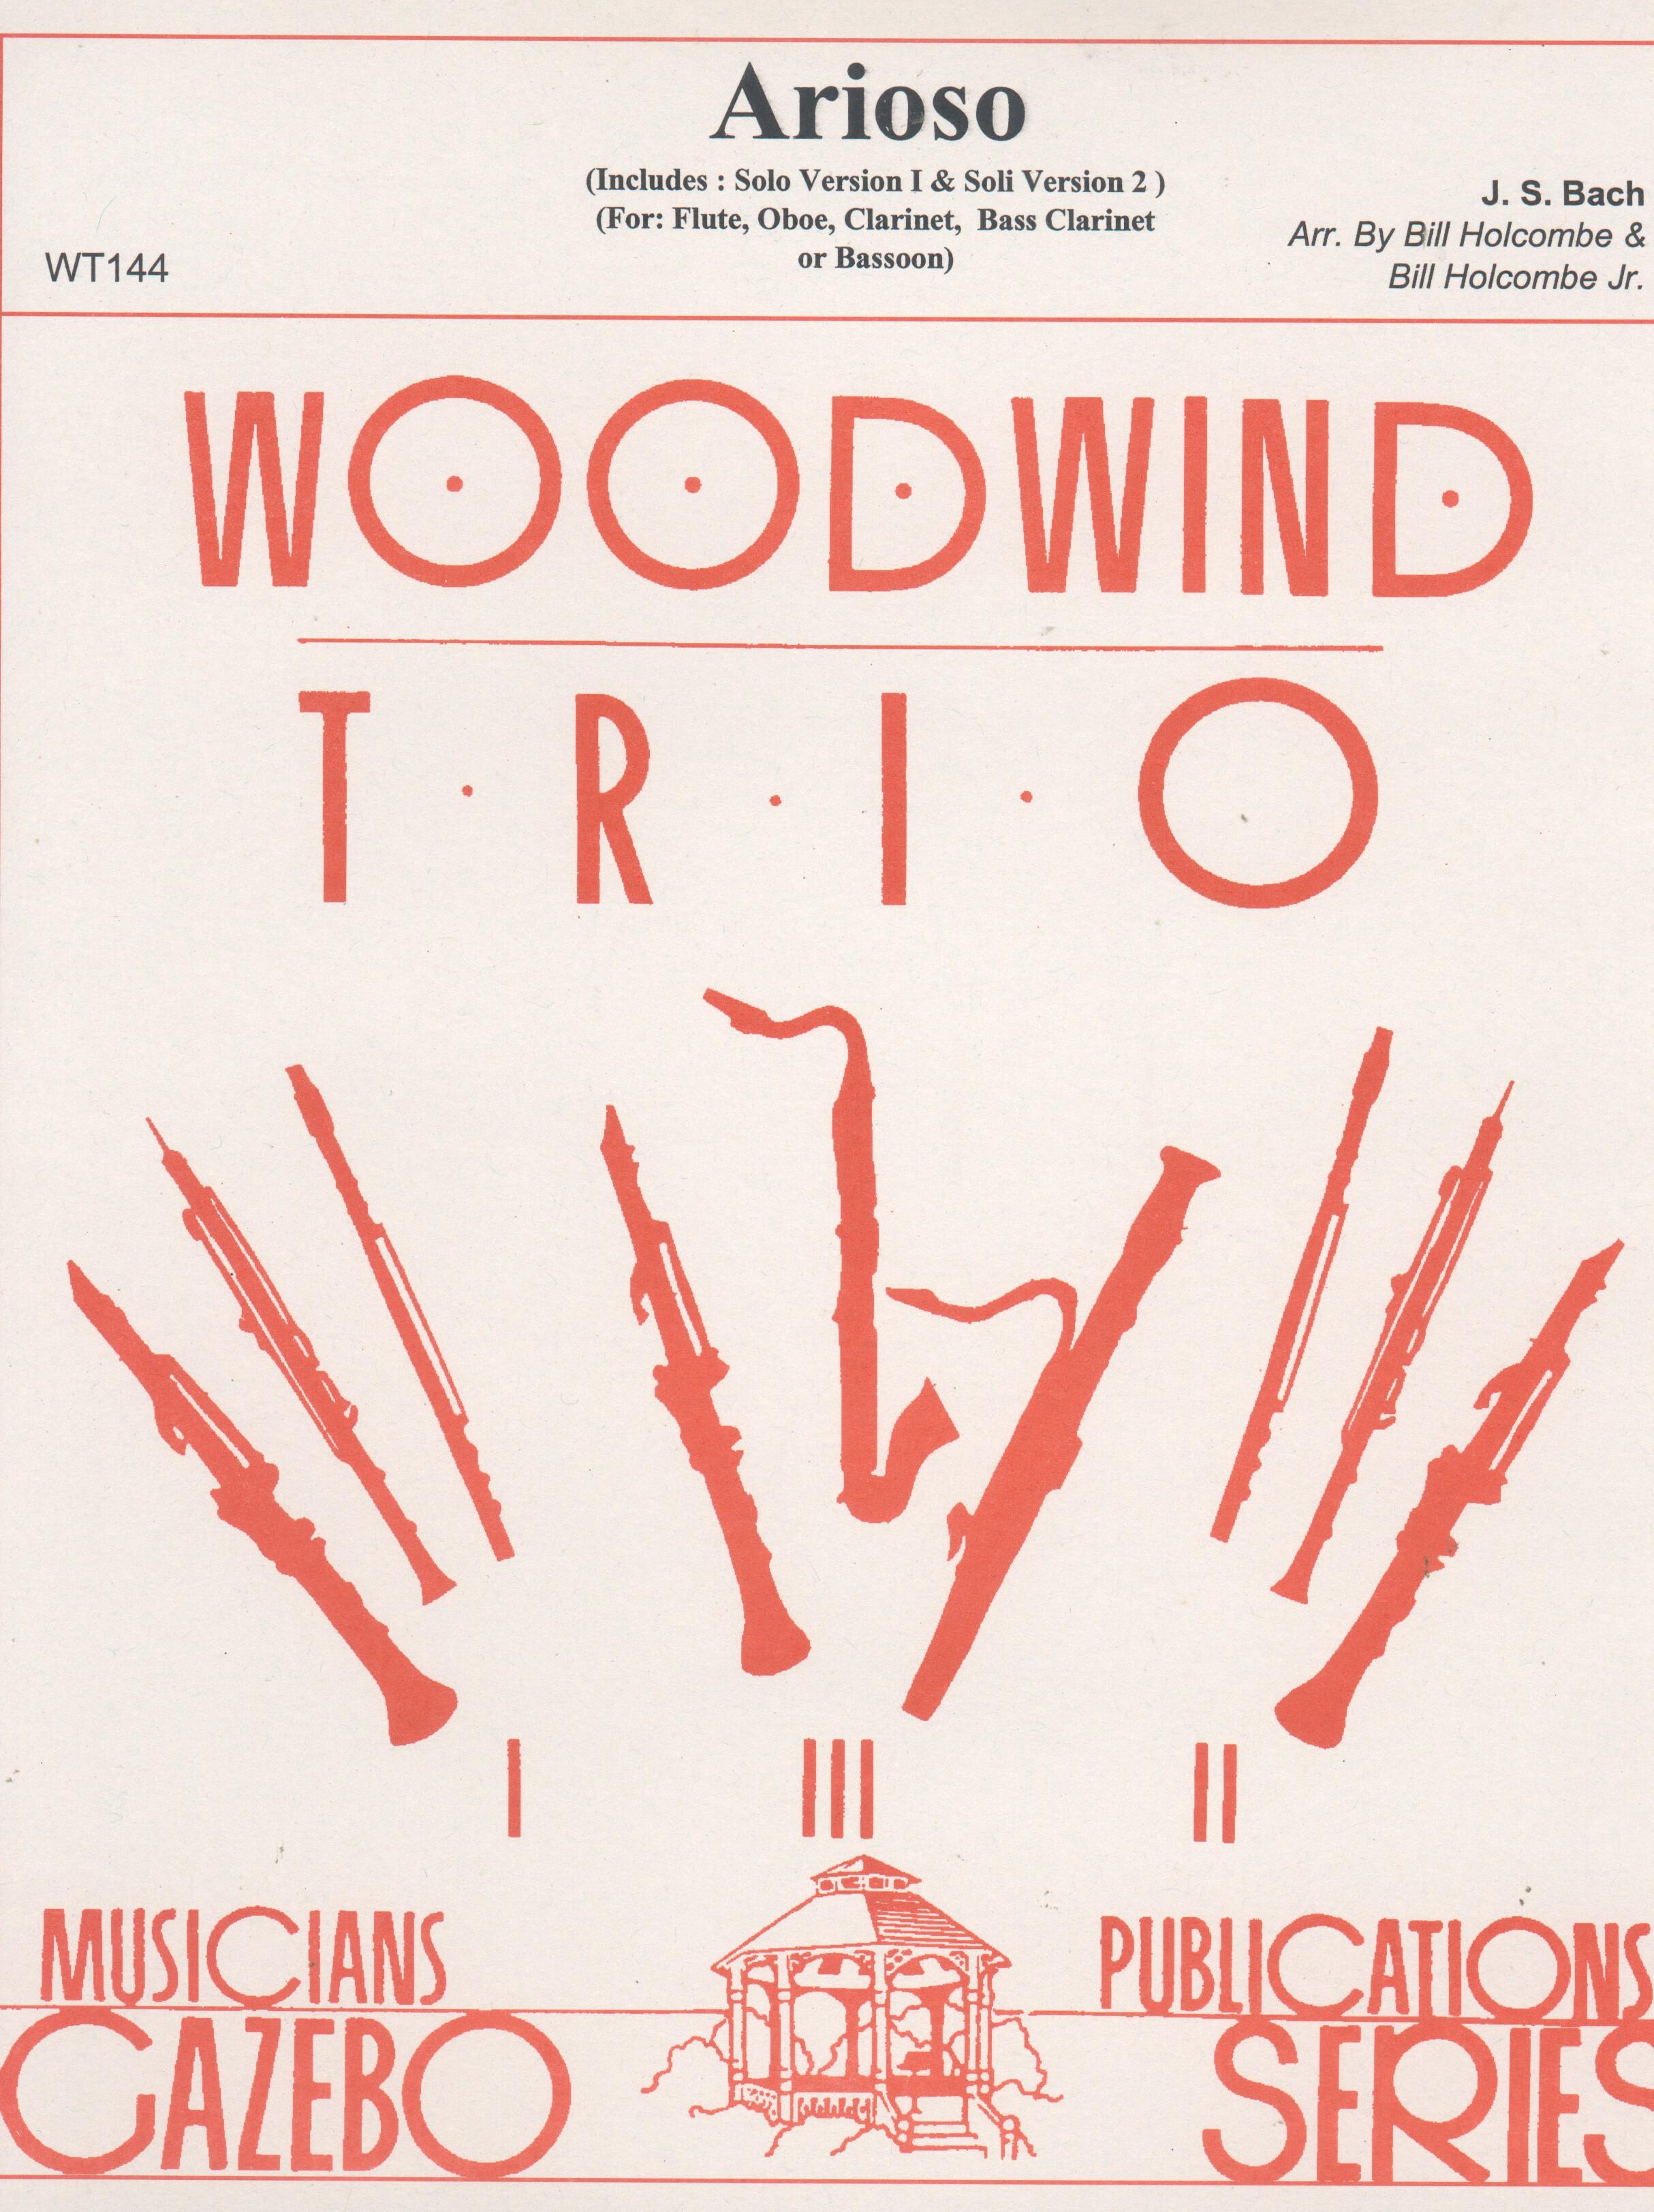 ARIOSO (Woodwind Trio)